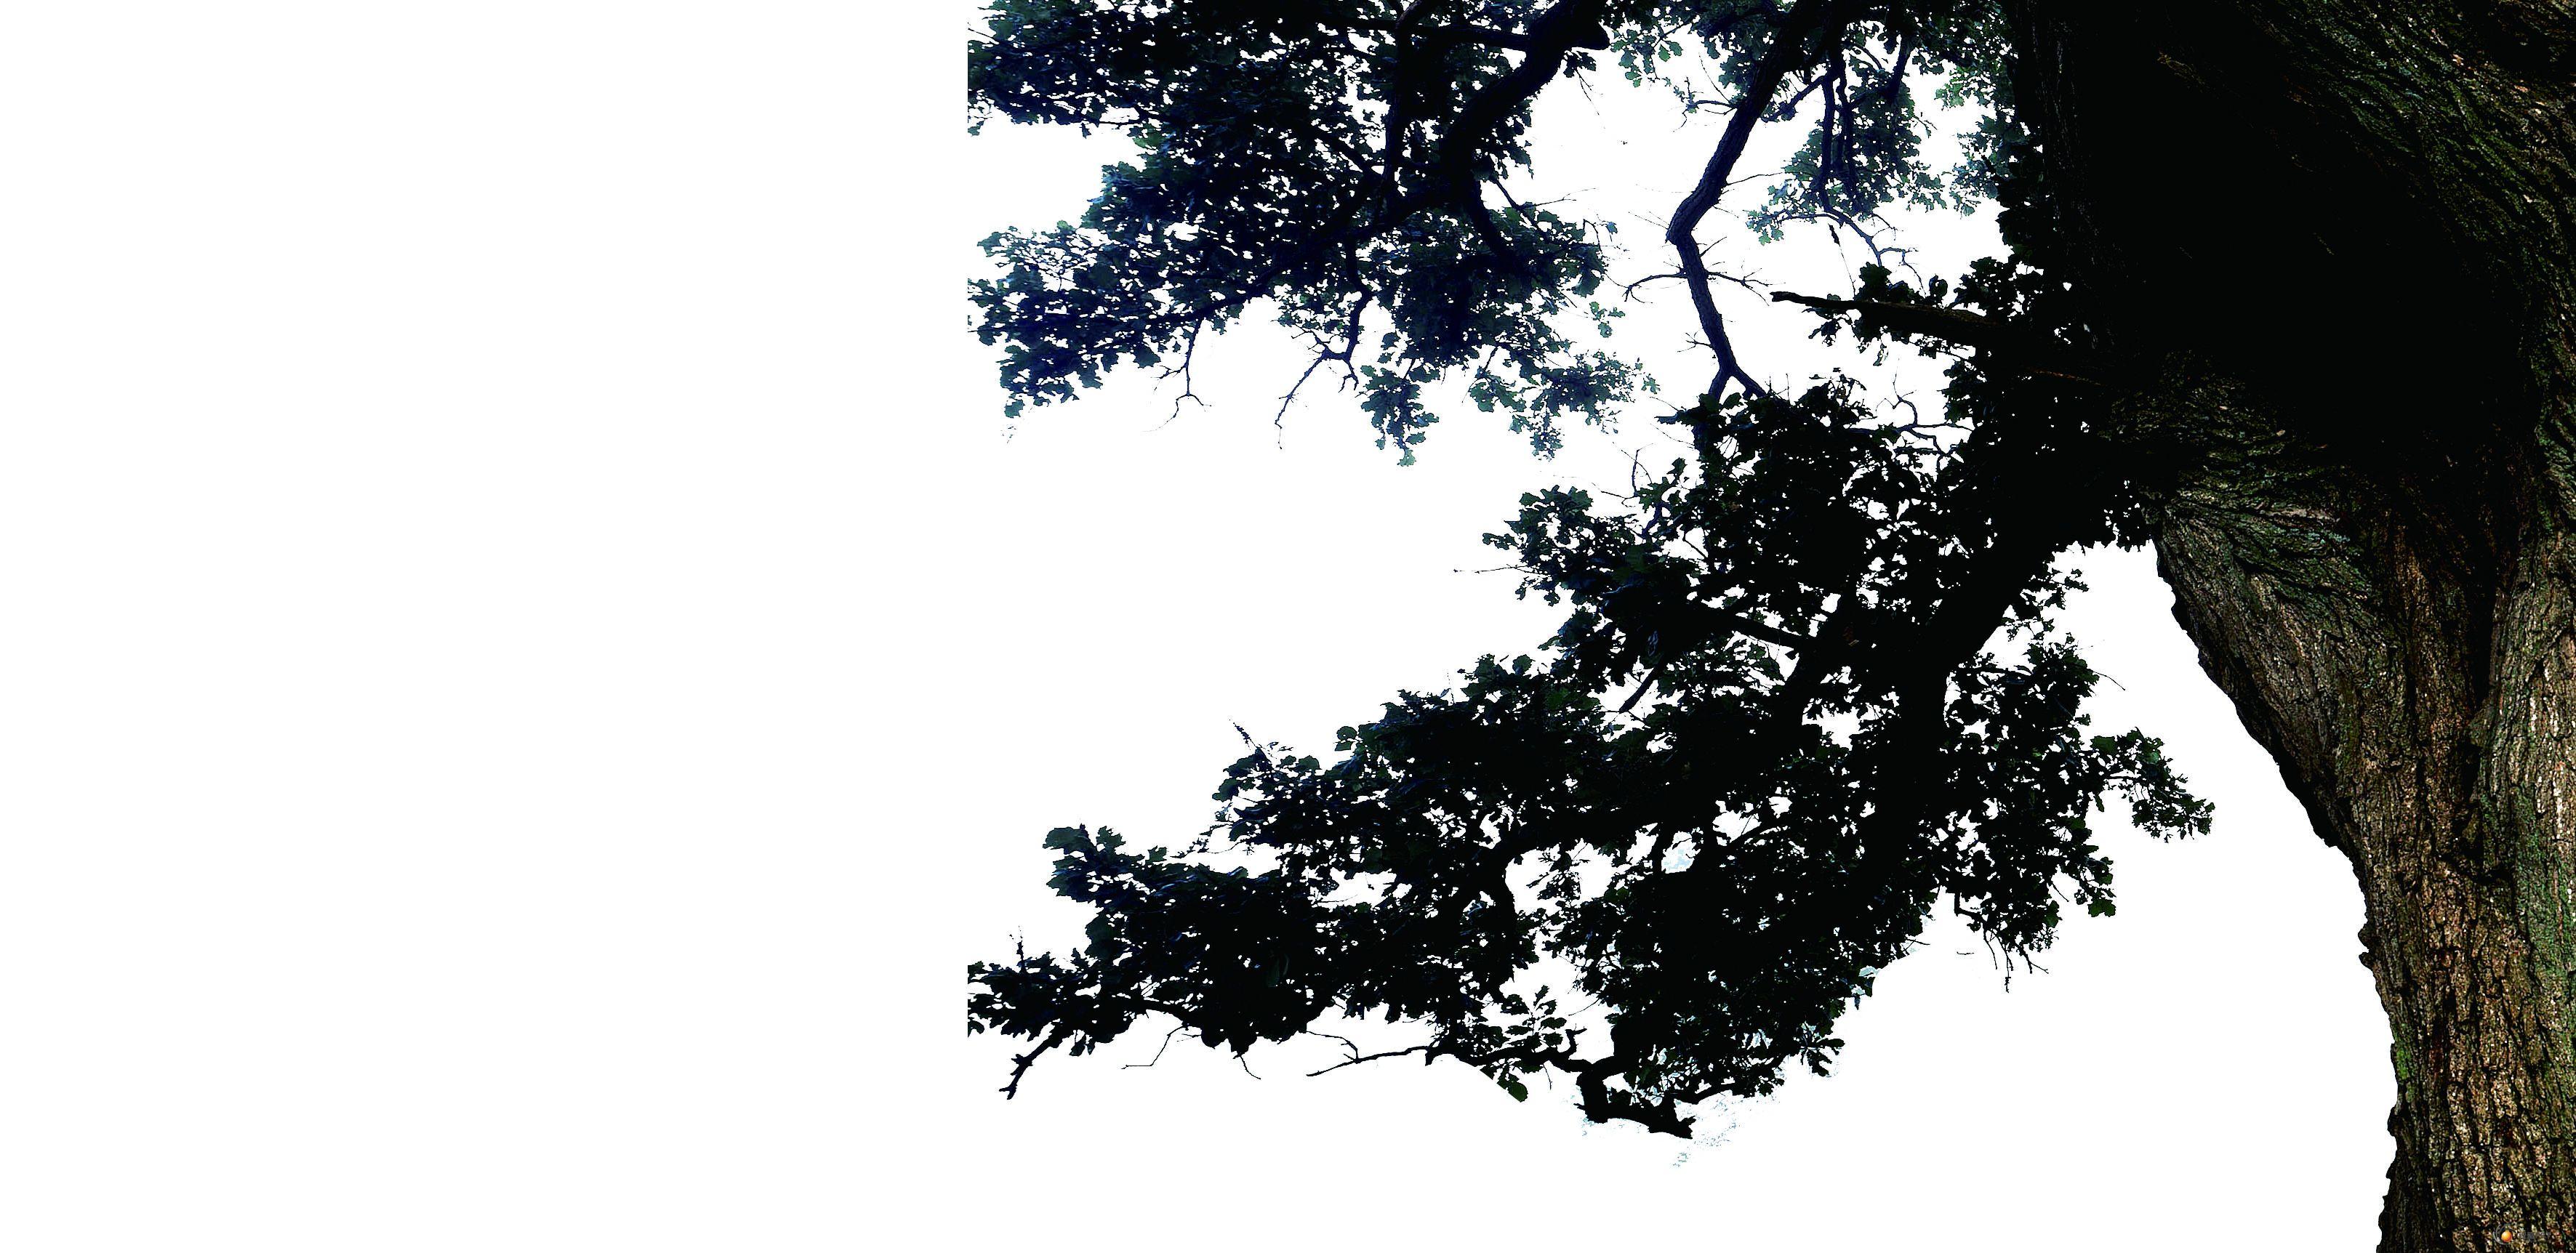 【江南柳】高清图片23张 - 图片素材 - 锐普ppt论坛